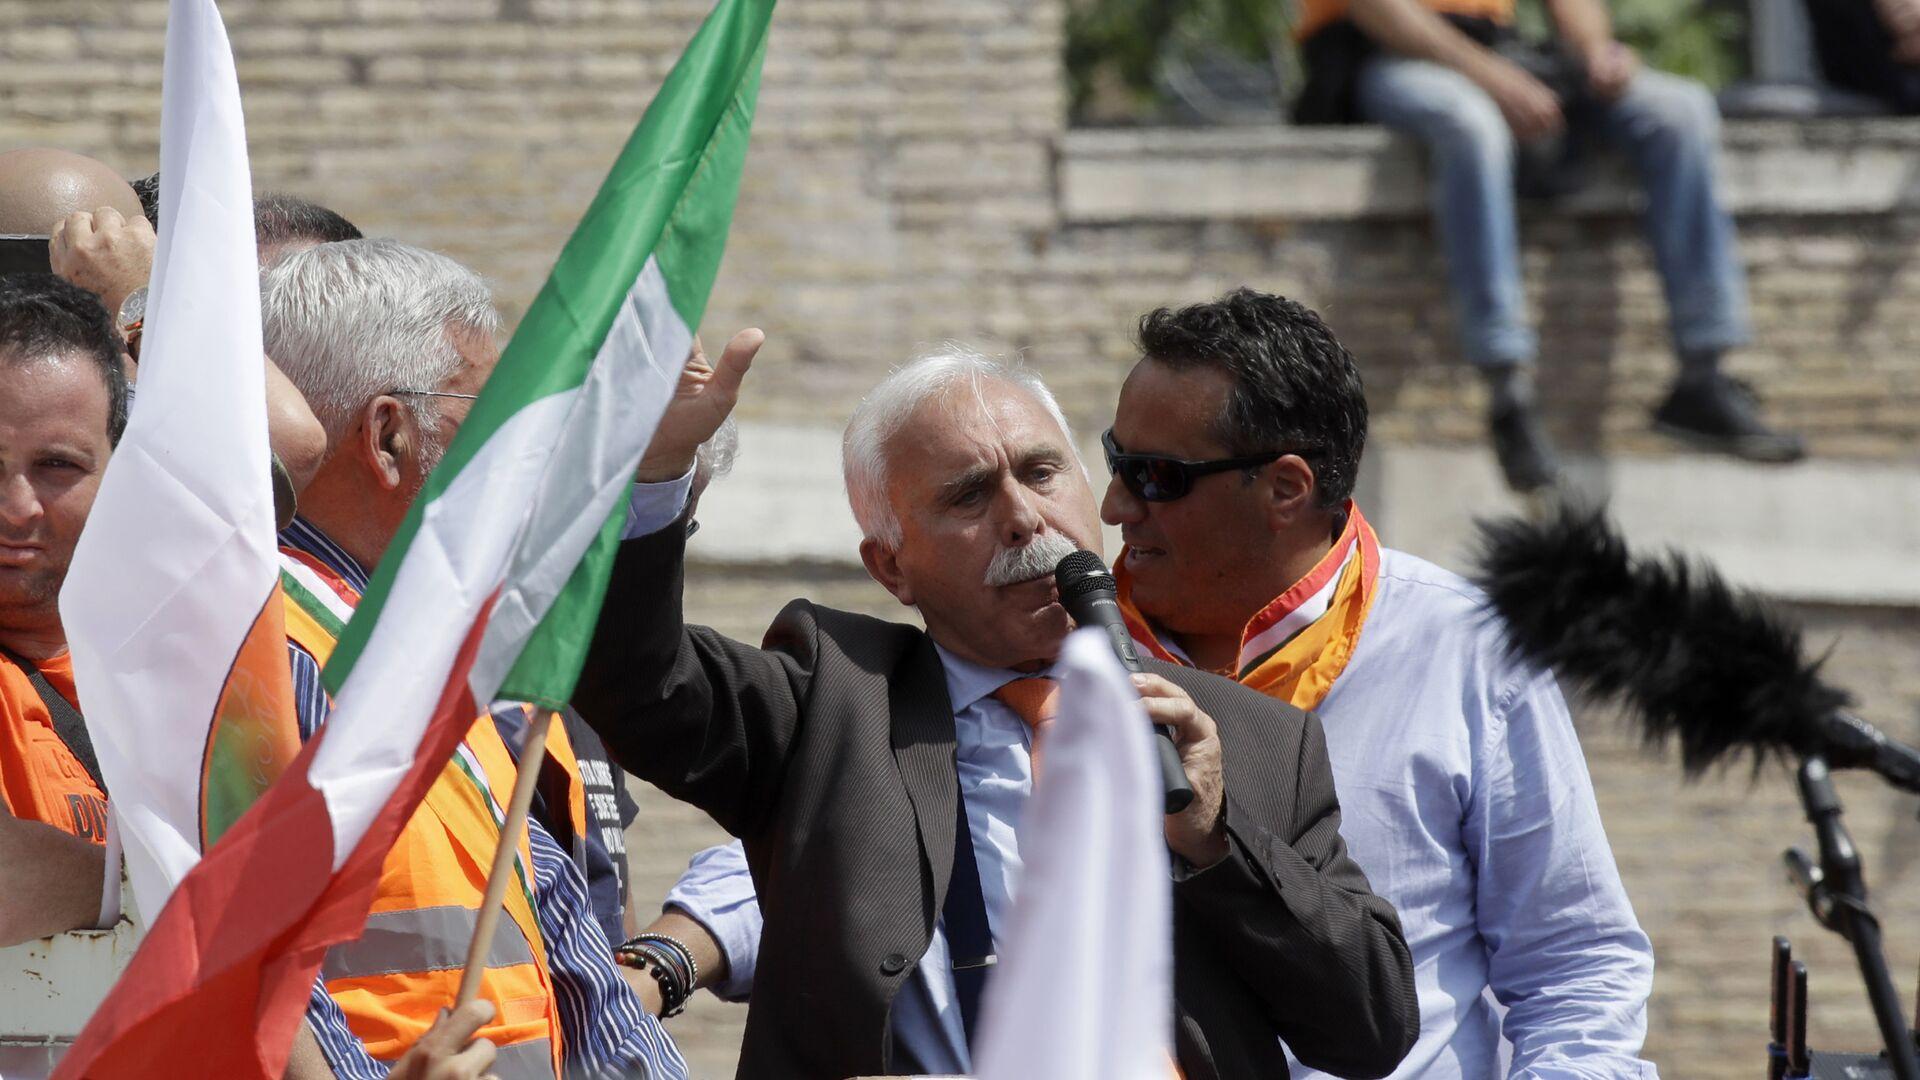 Il leader dei gilet arancioni, Antonio Pappalardo alla manifestazione control il governo a Roma, 2 giugno 2020 - Sputnik Italia, 1920, 28.09.2021